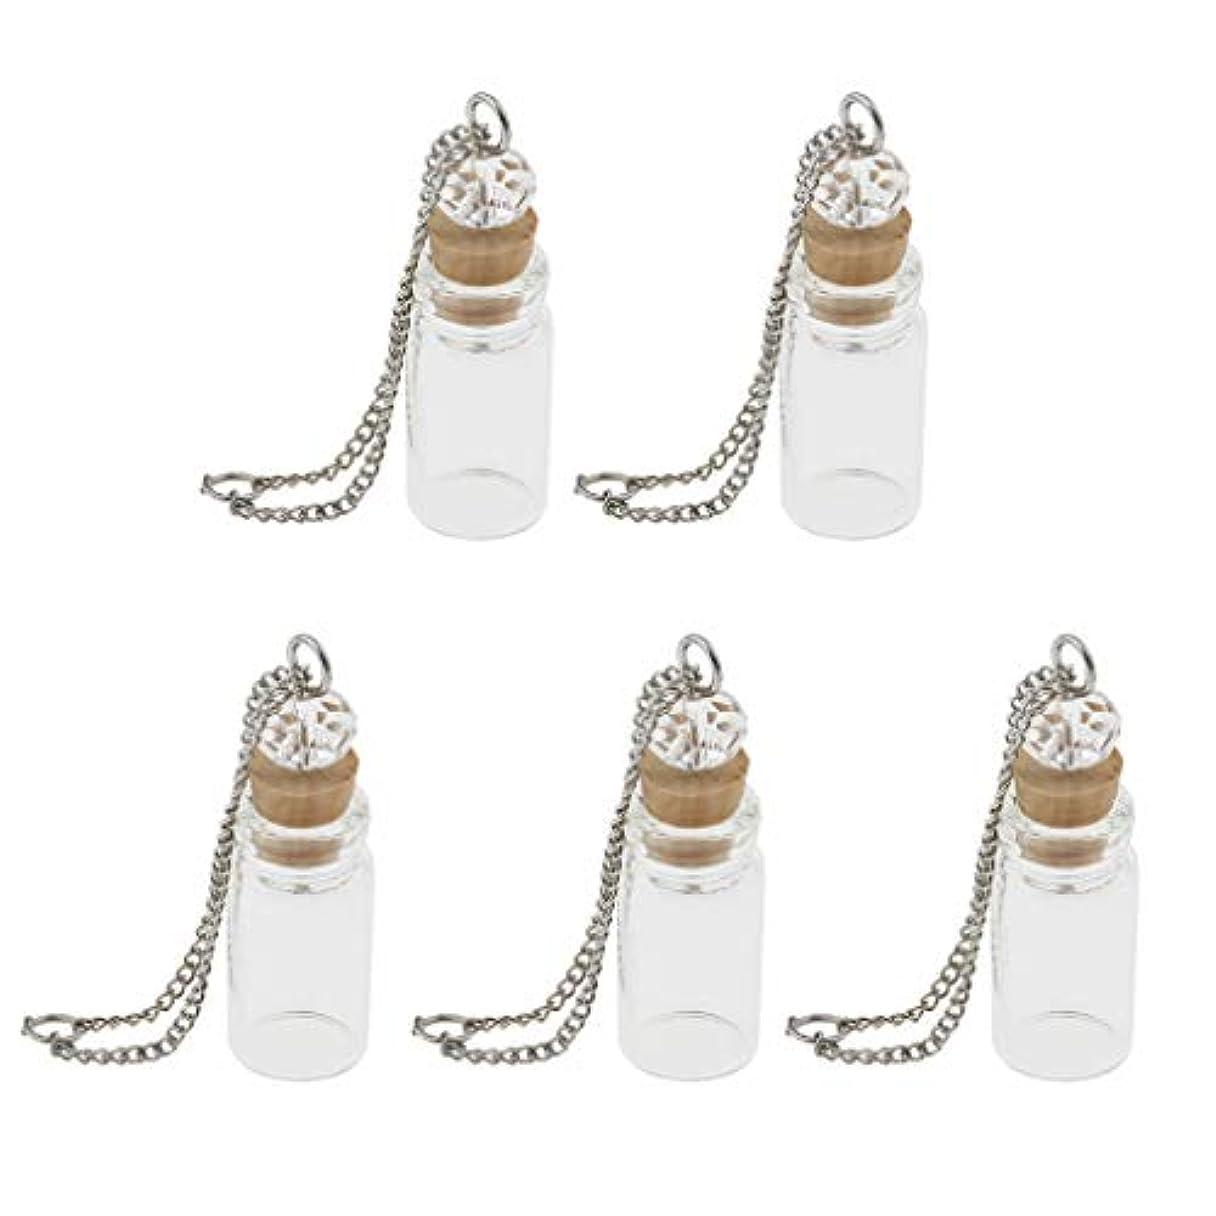 シンク分析的雪だるまを作るPerfeclan コルク入り ミニガラス 5個 ネックレスペンダント バイアル DIY装飾 2タイプ選べ - 1mlクリア